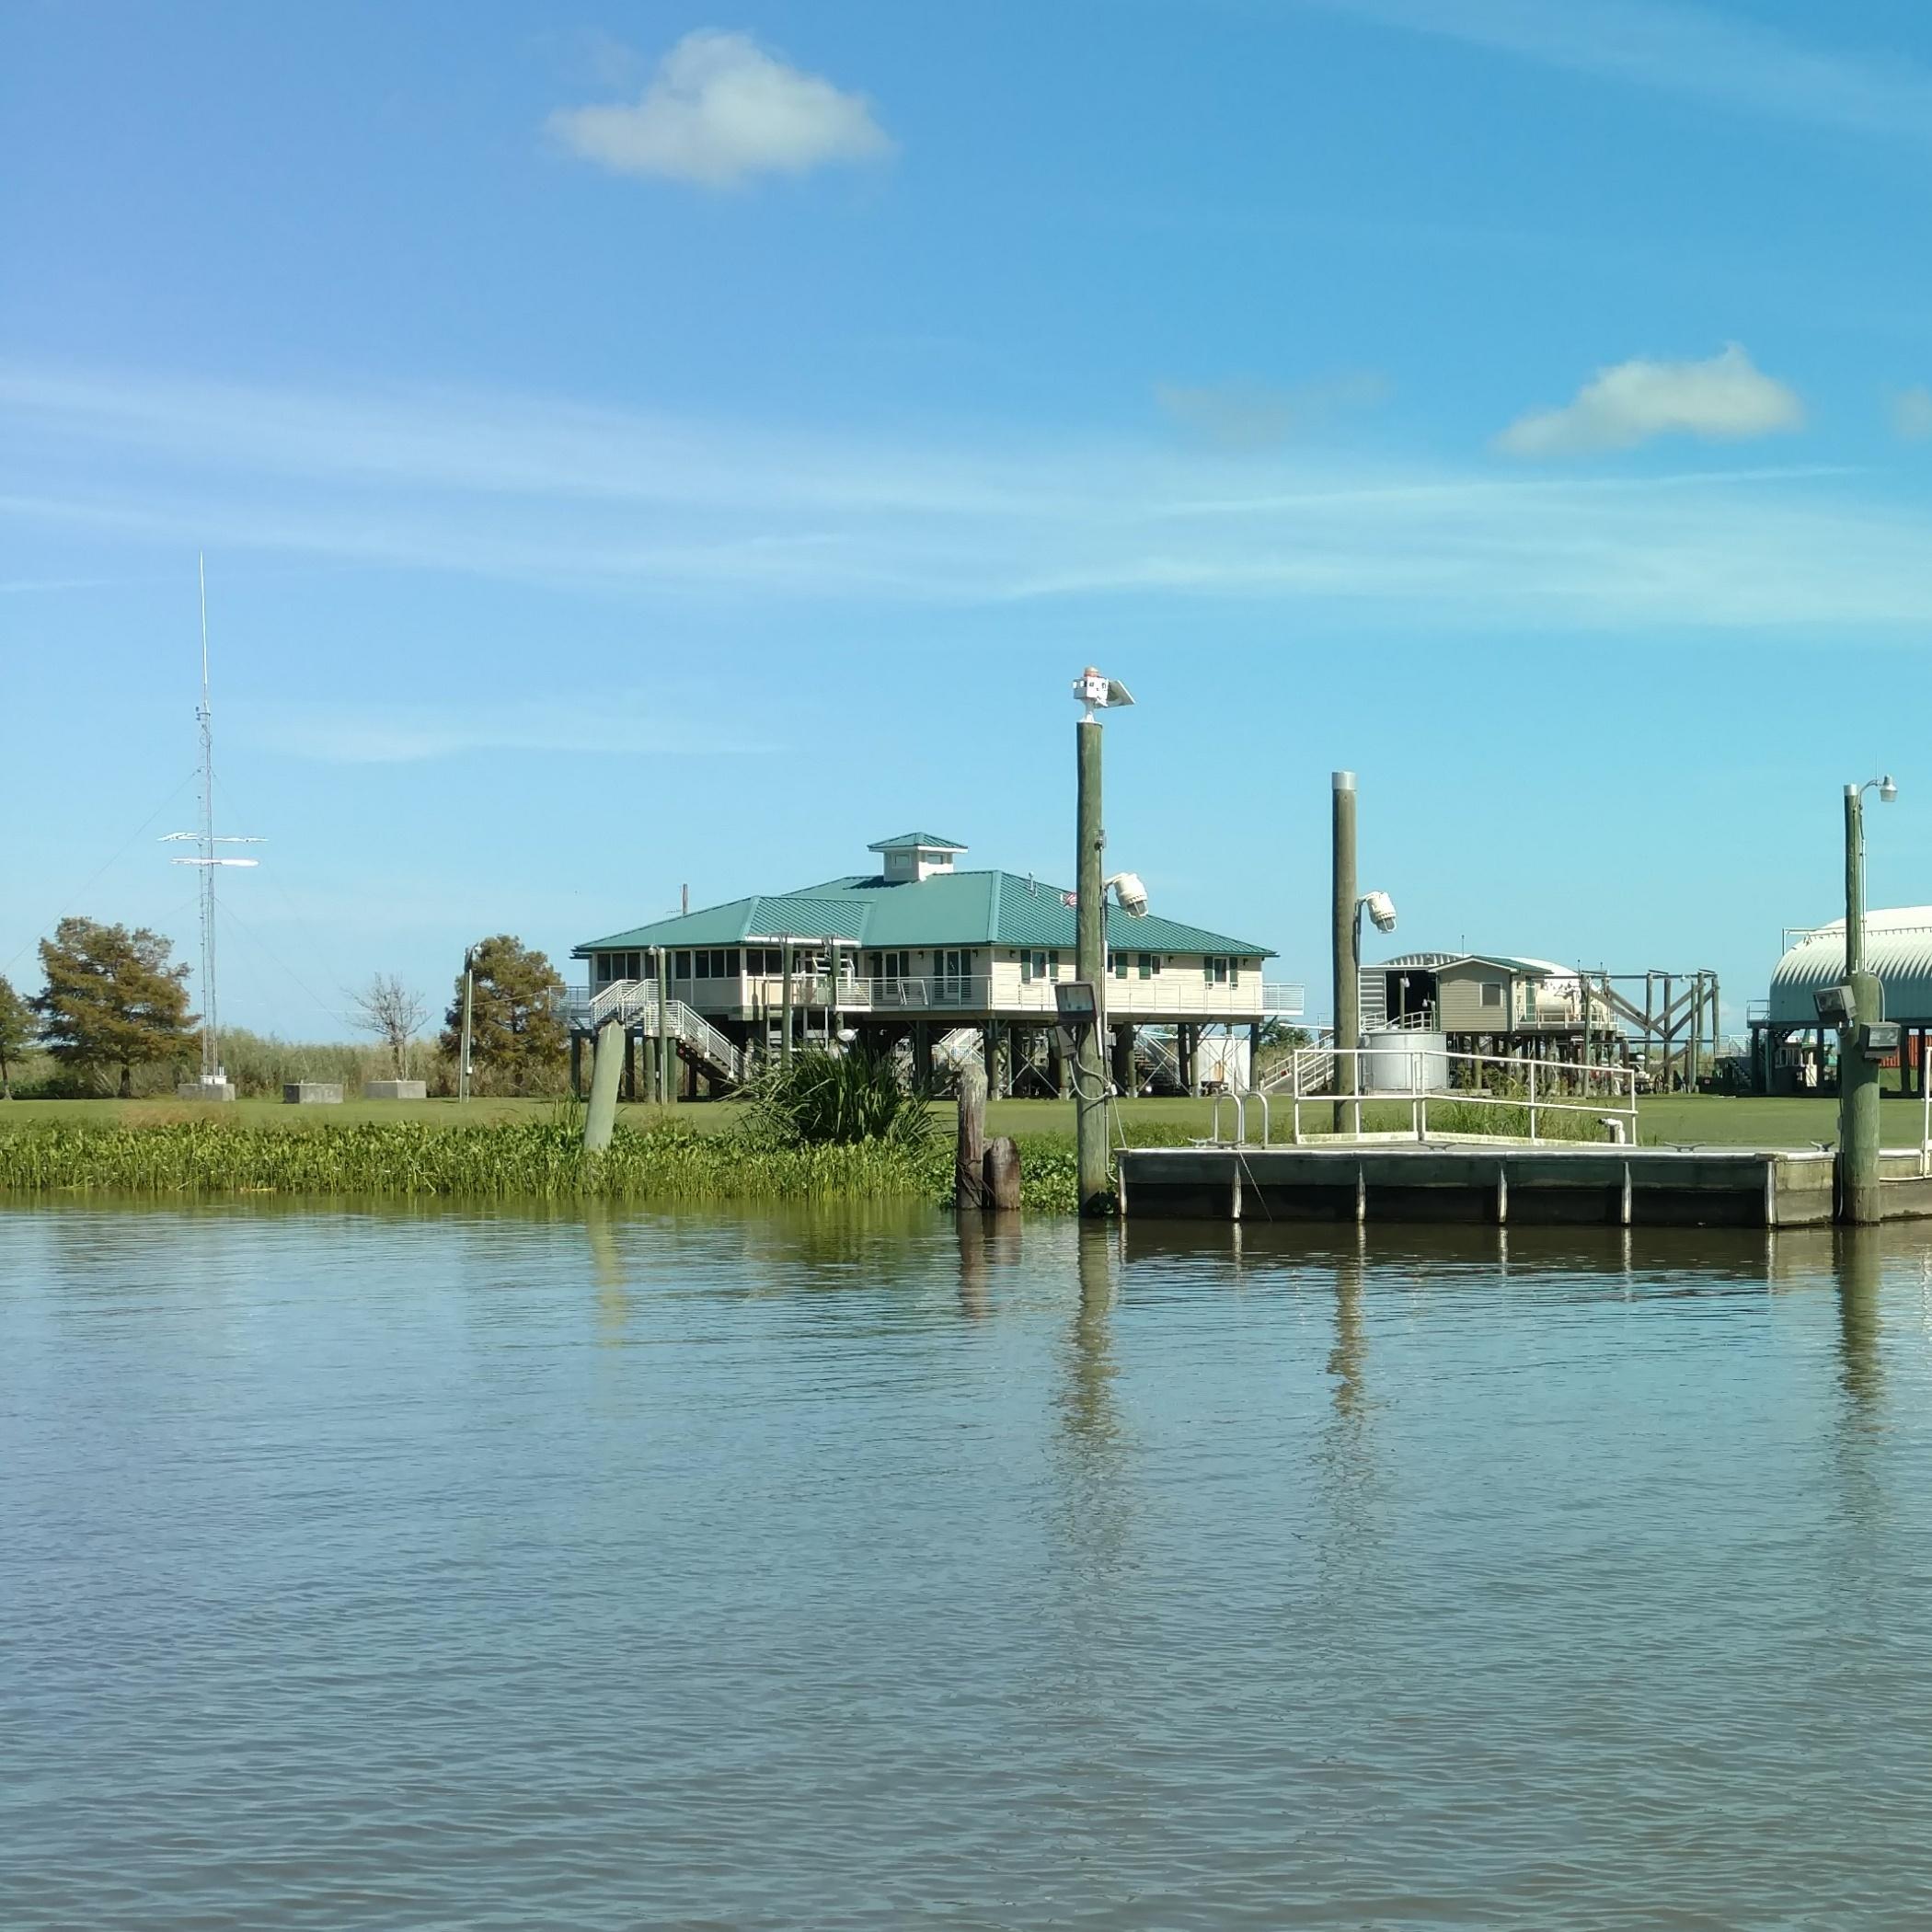 blog-mississippi-river-delta-structures.jpg